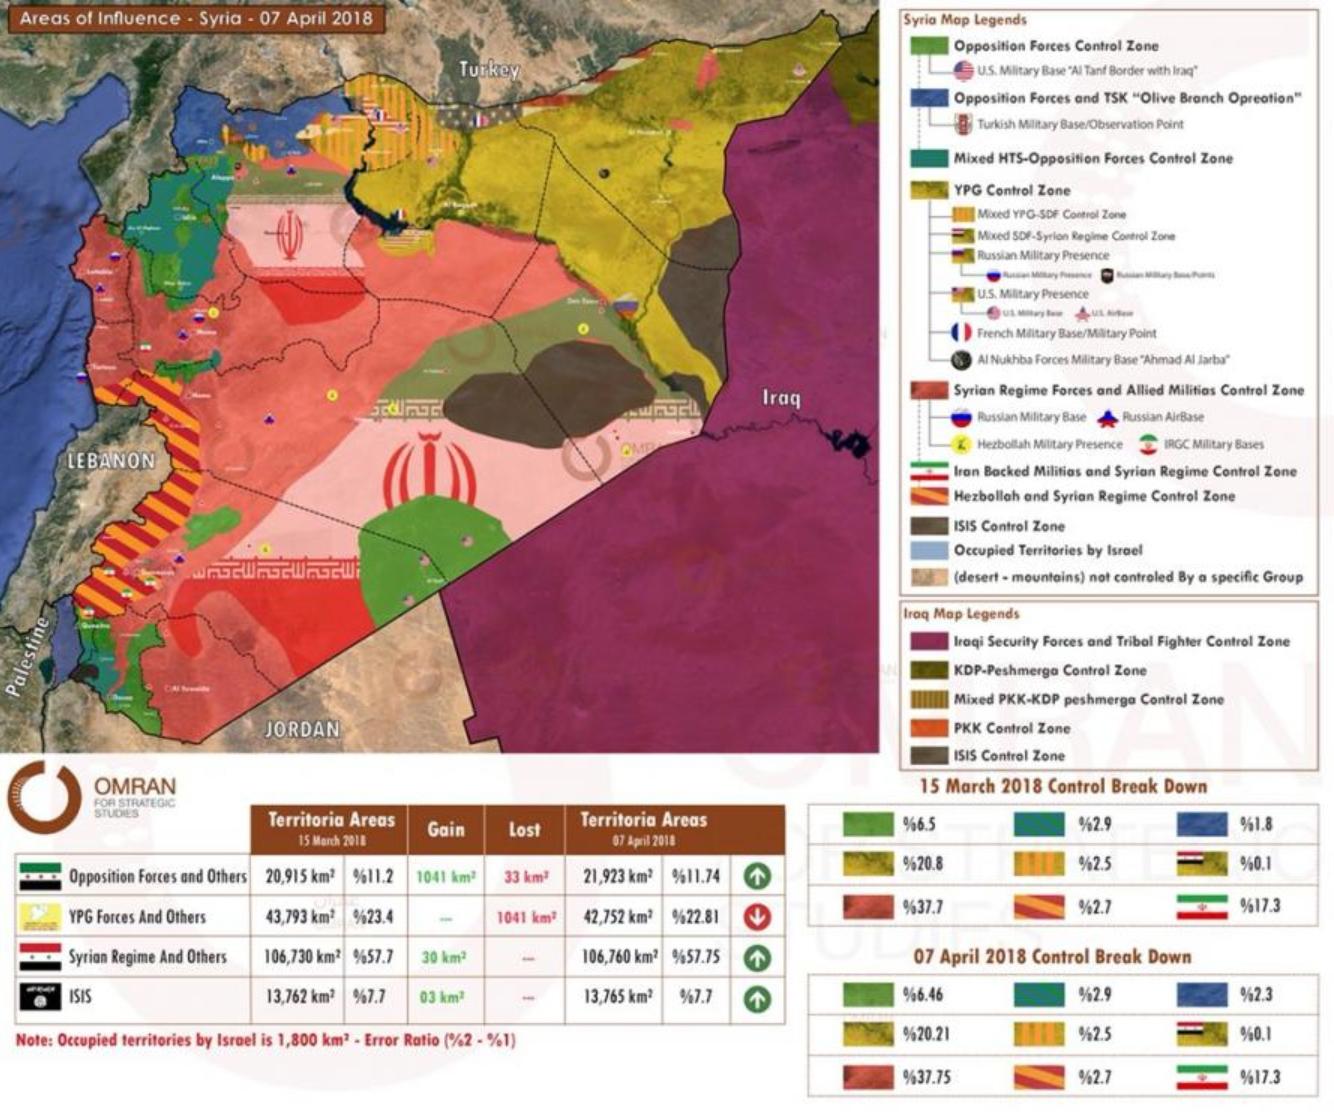 Syrien Karte Krieg.Die Eskalation Zum Globalen Krieg Wer Ist Wer Und Wer Ist Wo In